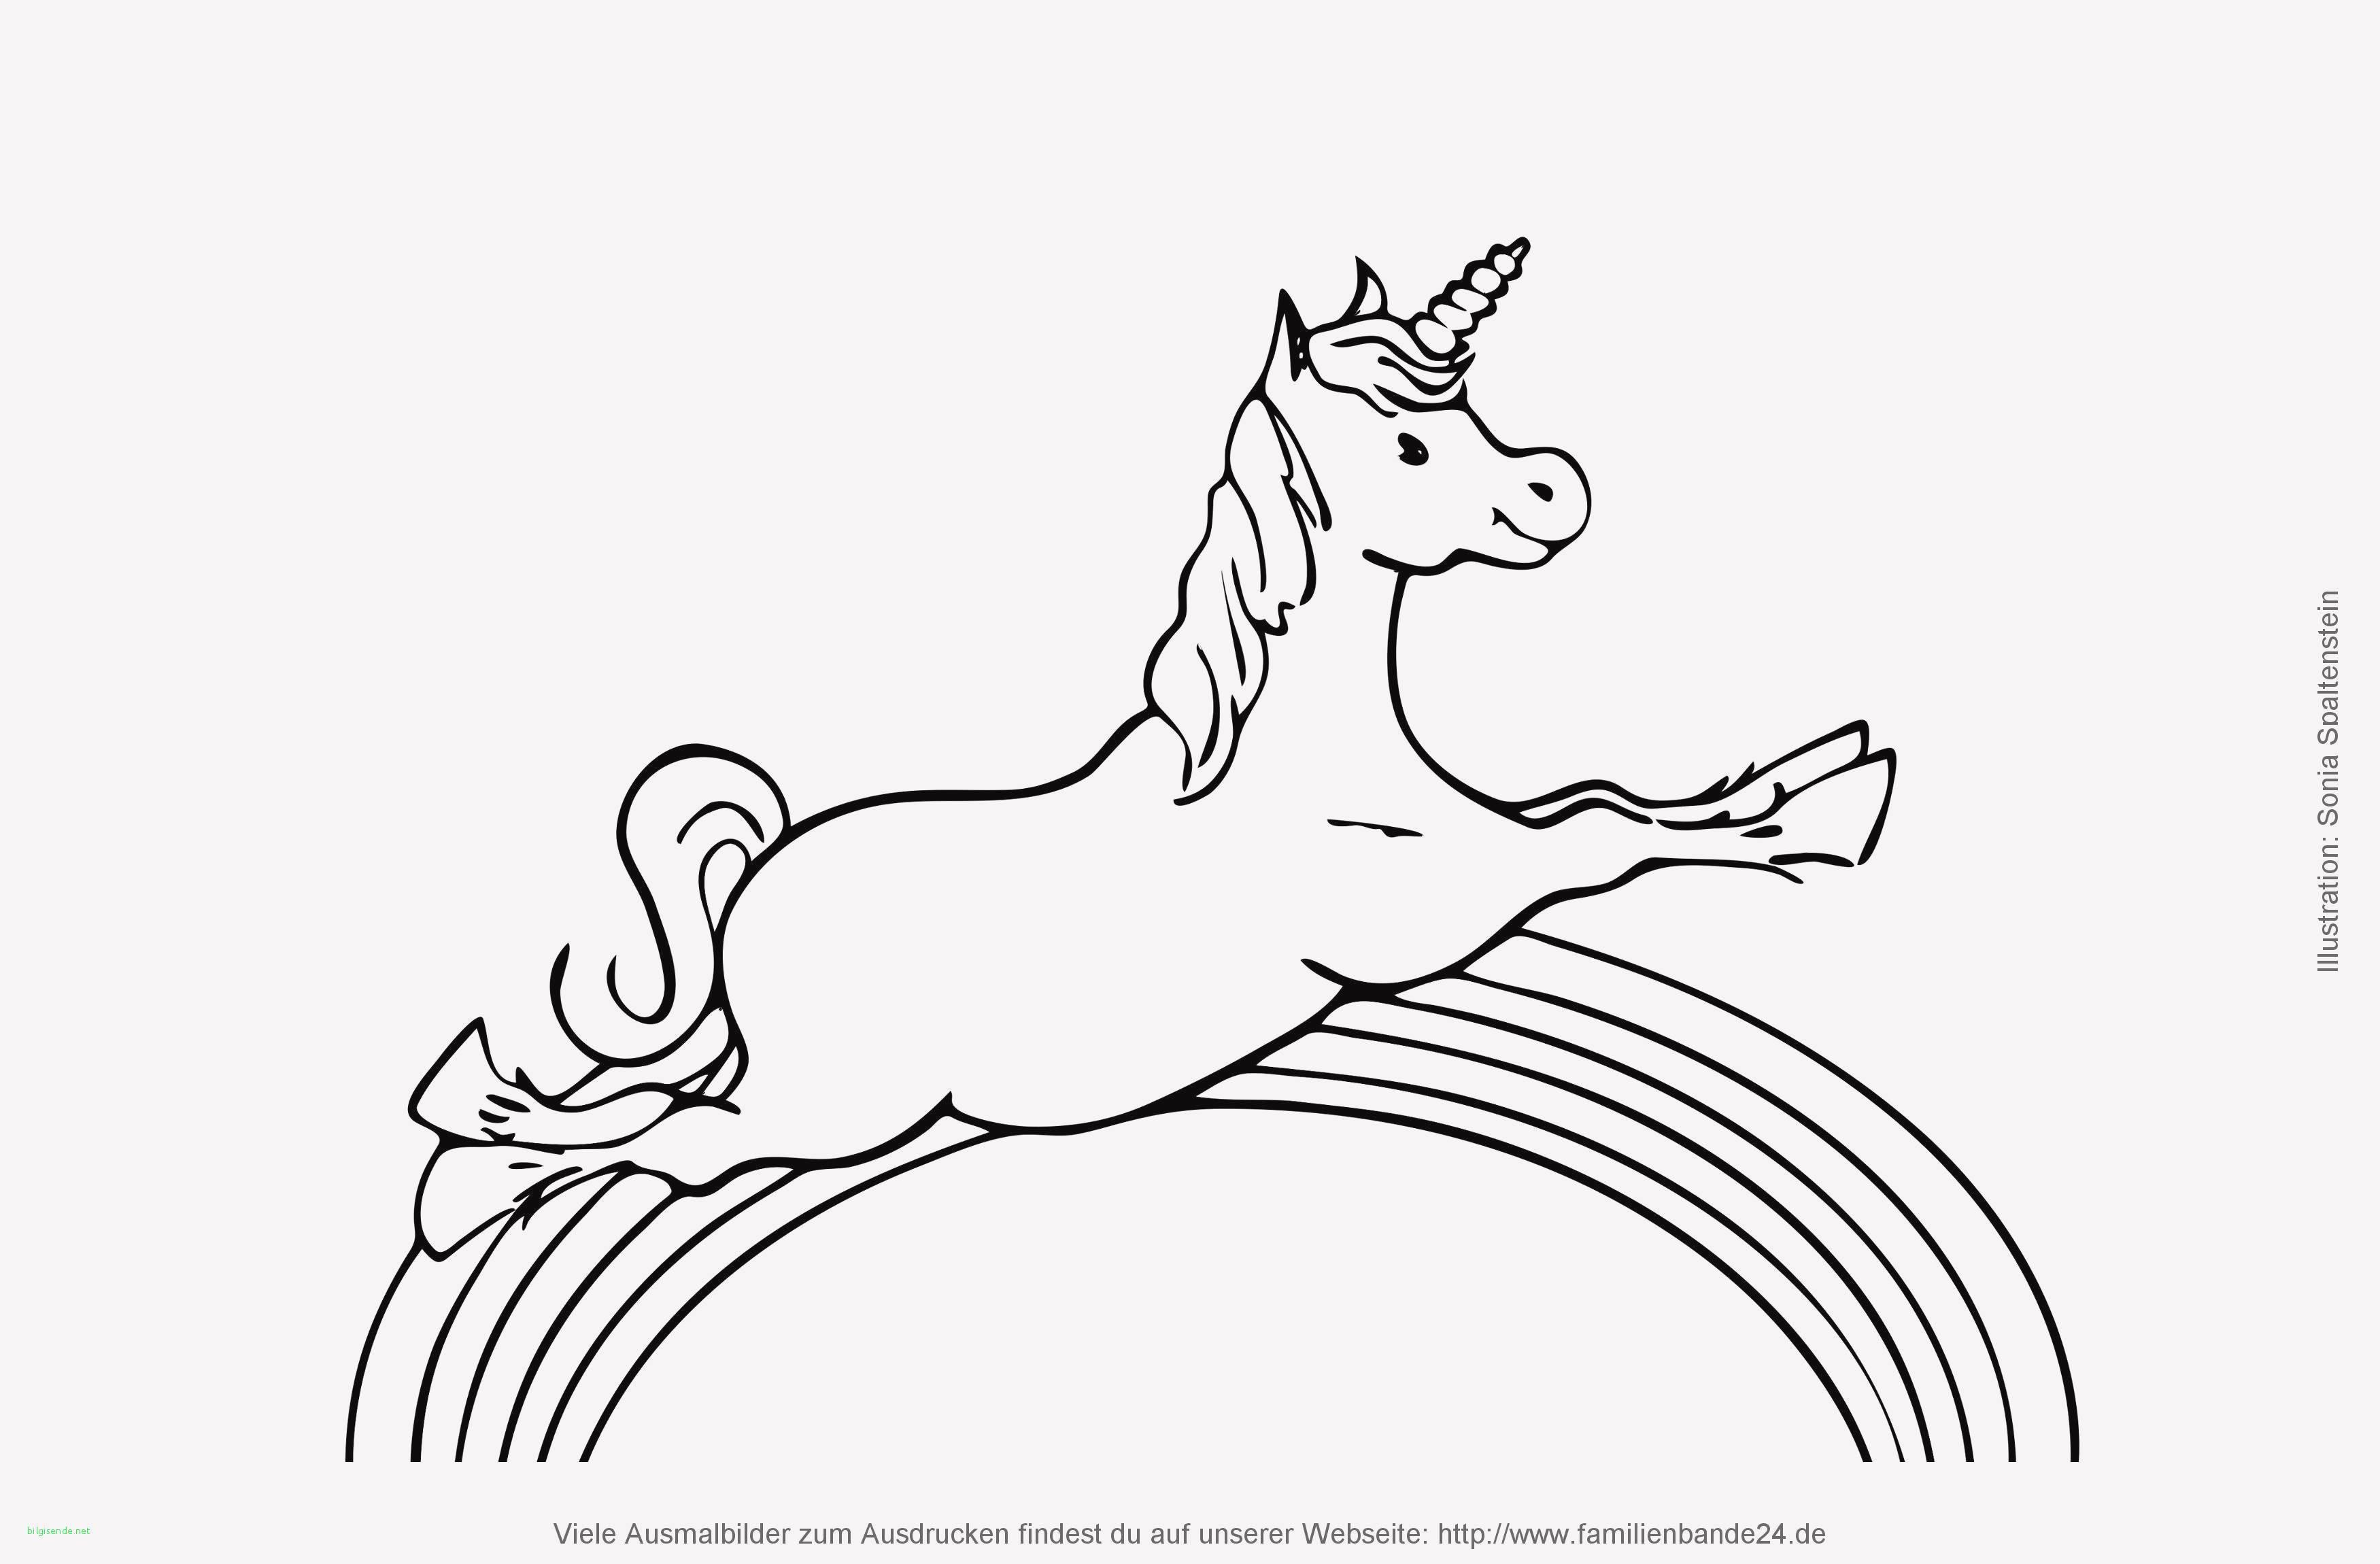 Einhorn Bilder Zum Ausmalen Das Beste Von 25 Genial Ausmalbilder Prinzessin Und Einhorn Sammlung